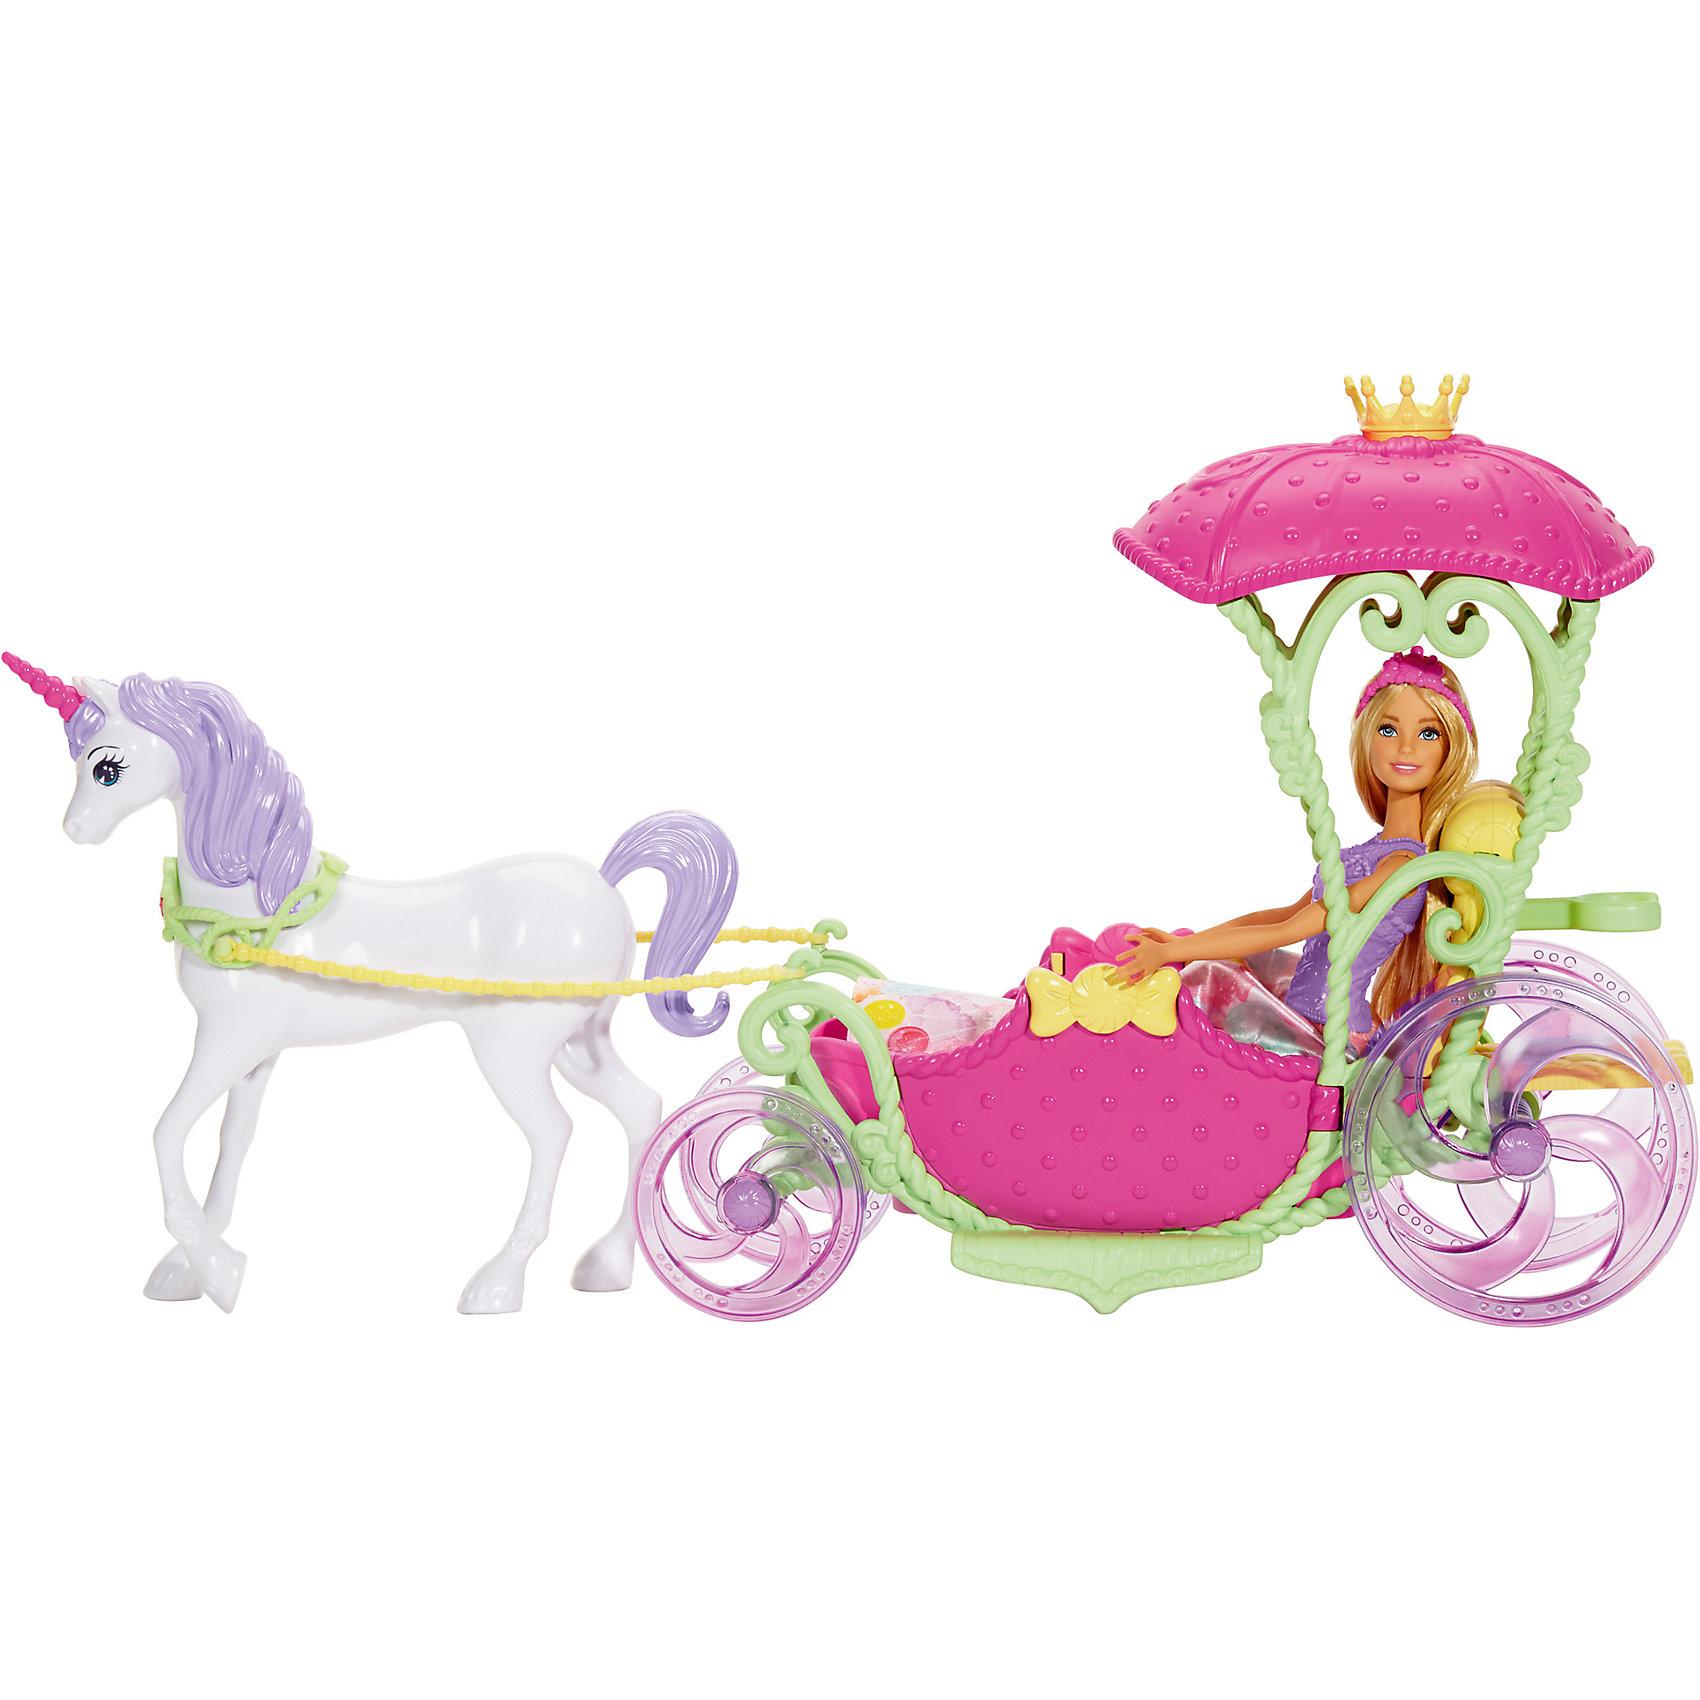 Игровой набор Barbie Конфетная карета и куклаПопулярные игрушки<br>Характеристики товара:<br><br>• возраст: от 3 лет<br>• материал: пластик;<br>• упаковка: коробка;<br>• высота куклы: 28-30 см<br>• страна бренда: США<br><br>Экипаж Barbie™ Dreamtopia, запряженный единорогом, идеально подходит для прогулки принцессы Barbie®. Корона на розовой крыше, которую поддерживают изящные зеленые стебли, похожа на листья, розовые двери украшены бантиками, а сиреневые колеса крутятся, когда экипаж едет. <br><br>Принцесса Barbie® может пригласить друга, ведь в экипаже с?комфортом могут разместиться двое. Белый единорог с розовым рогом и?сиреневой гривой и хвостом готов отвезти тебя в страну фантазий. Он запряжен в экипаж, у него есть сбруя и вожжи. <br><br>Принцесса Barbie® выглядит очаровательно в ?украшенном сладостями розовом корсаже, съемной юбке с фруктовым узором, туфельках в тон и розовой тиаре.<br><br>Игровой набор Barbie Конфетная карета можно купить в нашем интернет-магазине.<br><br>Ширина мм: 565<br>Глубина мм: 330<br>Высота мм: 144<br>Вес г: 1322<br>Возраст от месяцев: 36<br>Возраст до месяцев: 72<br>Пол: Женский<br>Возраст: Детский<br>SKU: 6739674